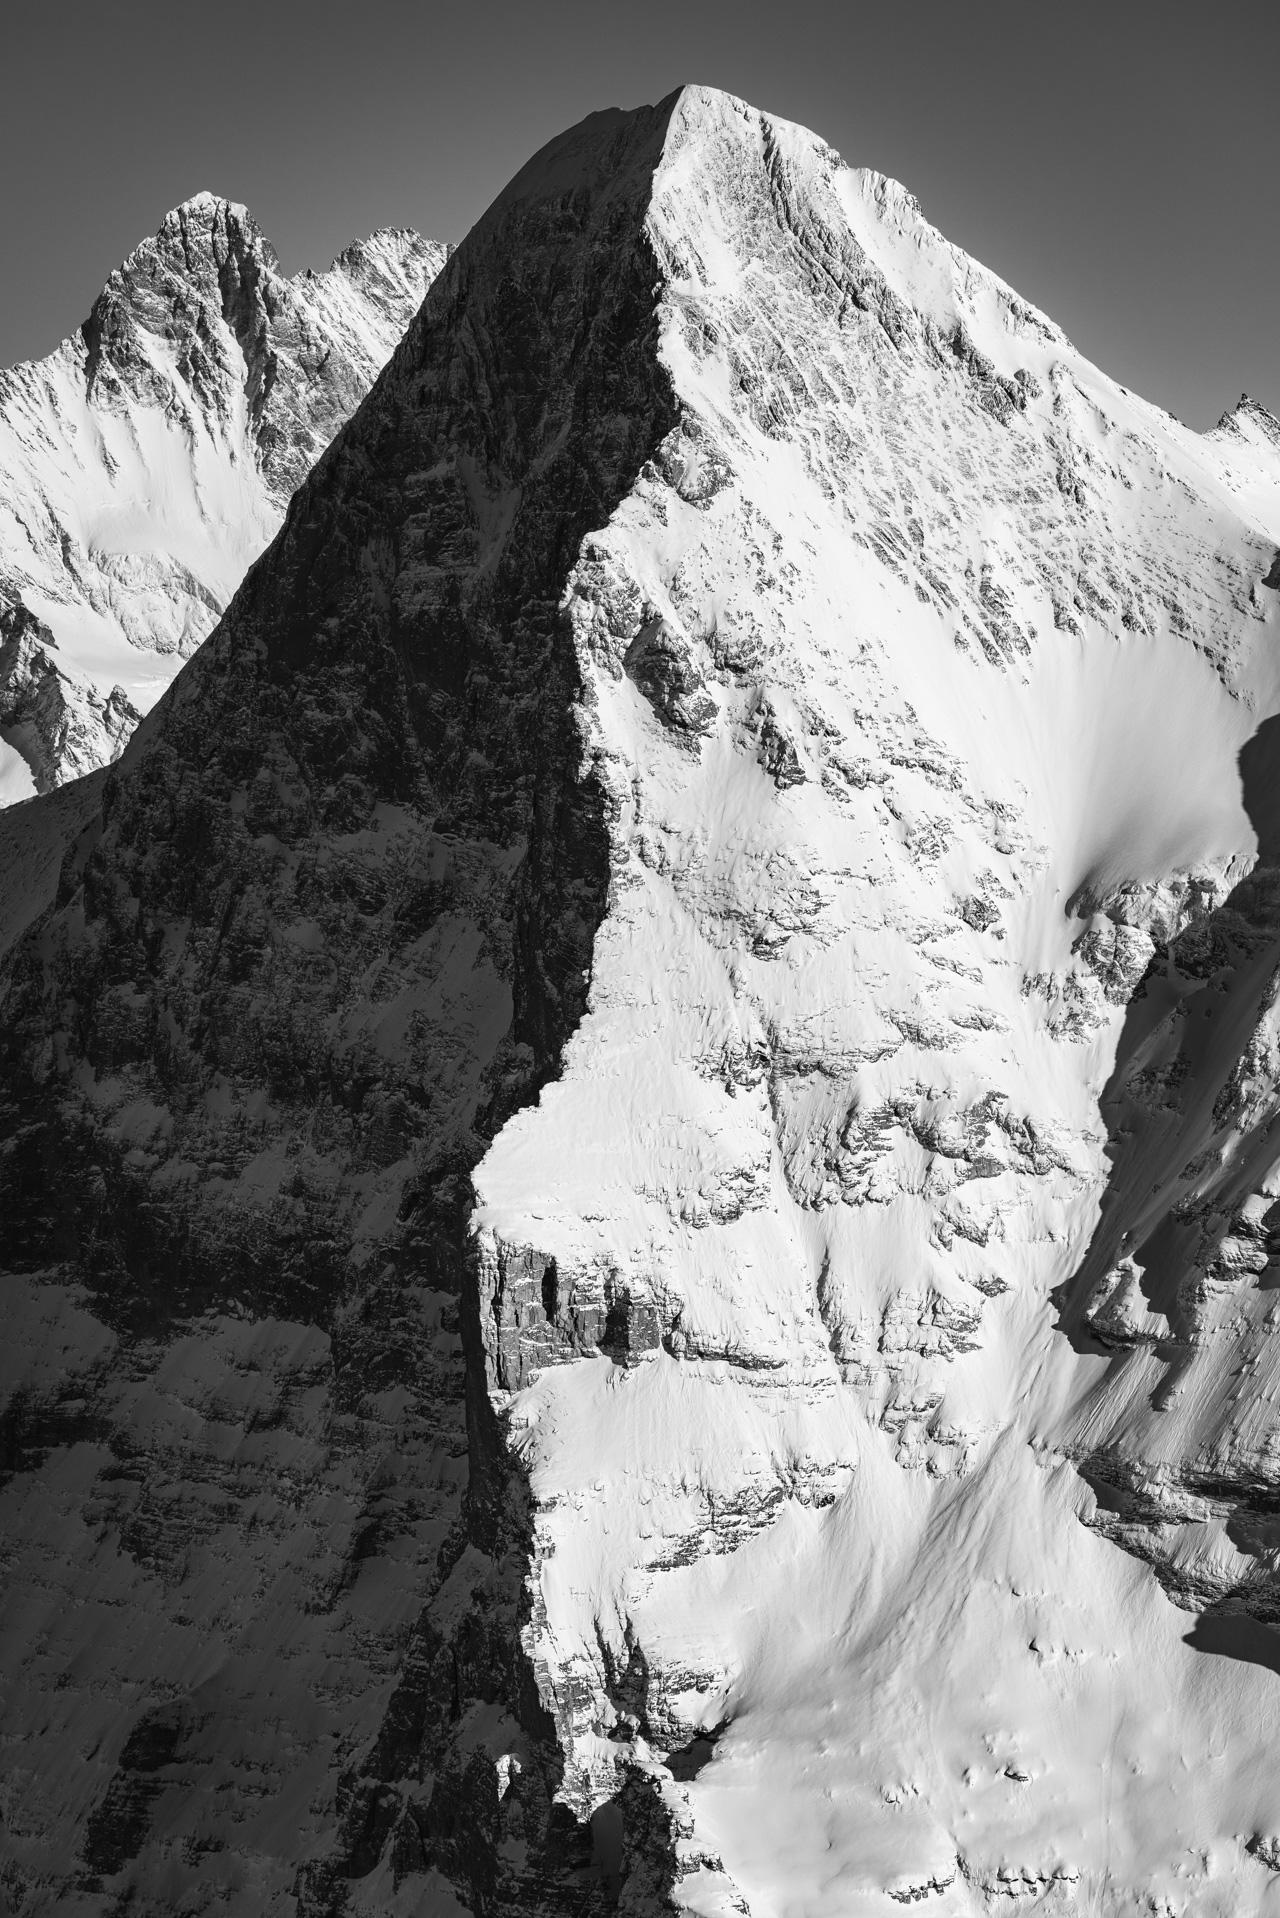 I mage montagne enneigée noir et blanc - Sommet de la montagne Eiger dans l'ombre et la lumière - Eiger face nord et ouest